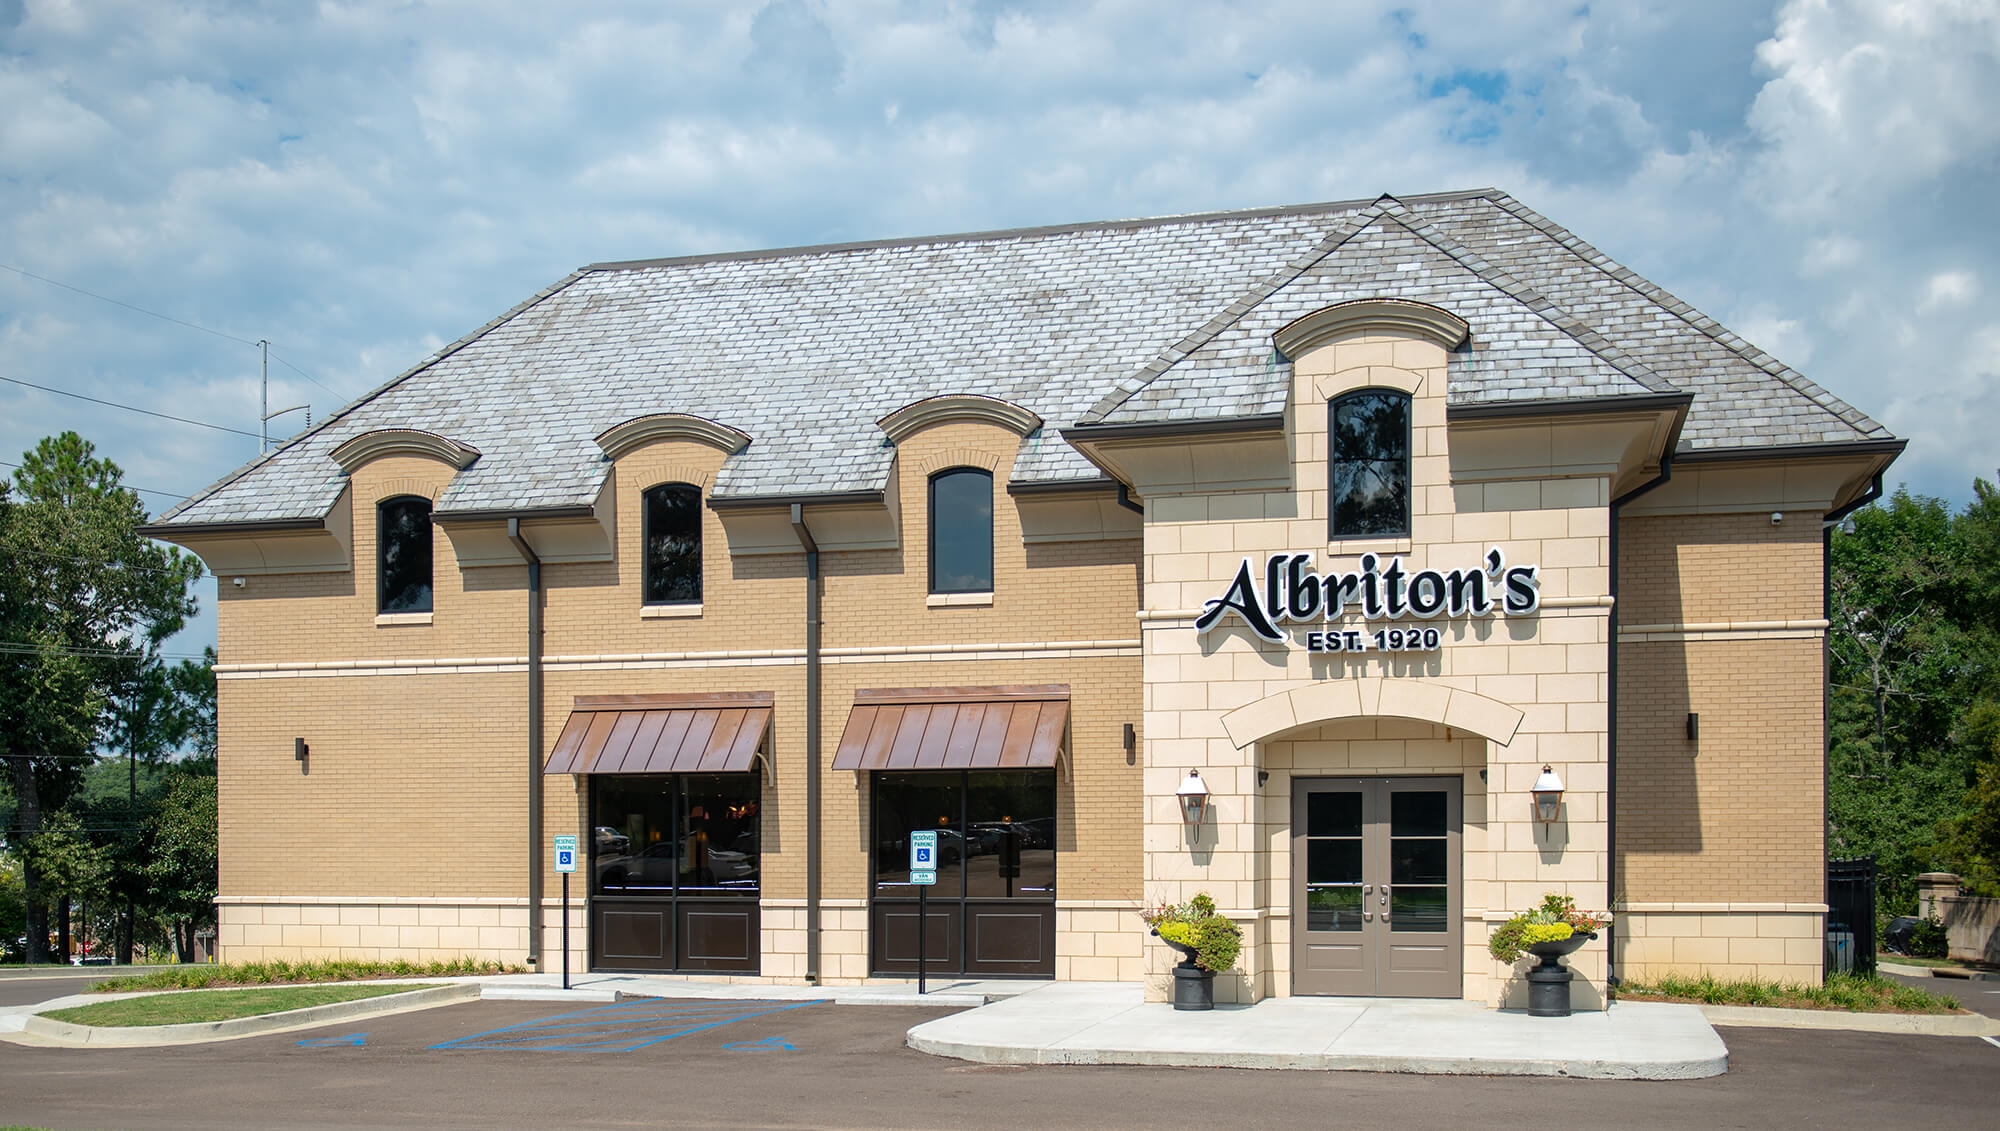 Albriton's Gallery